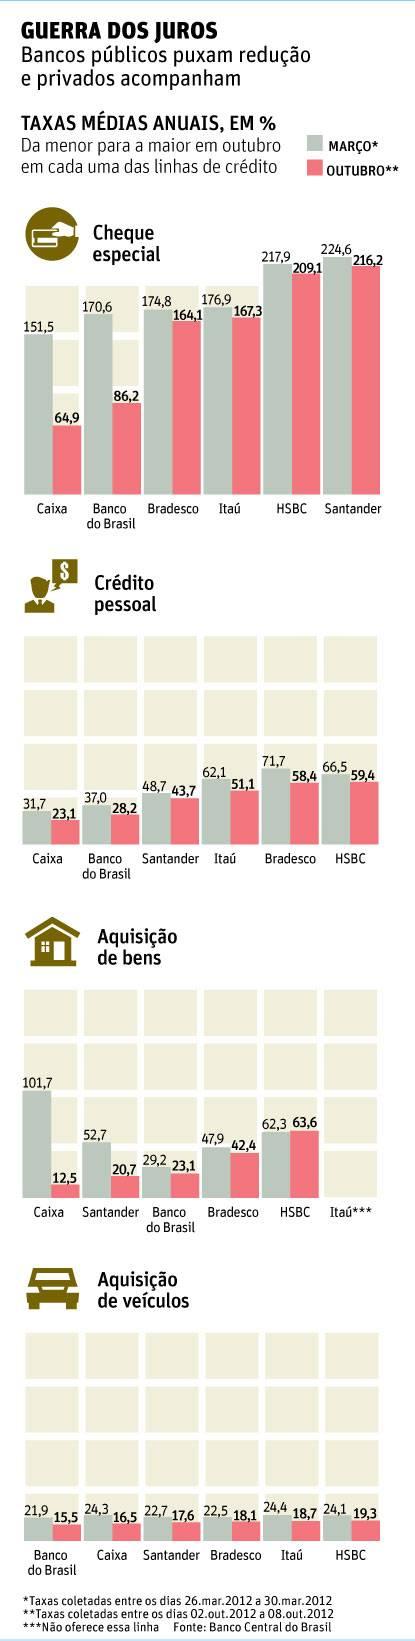 Corte de juros acentua diferença entre bancos públicos e privados